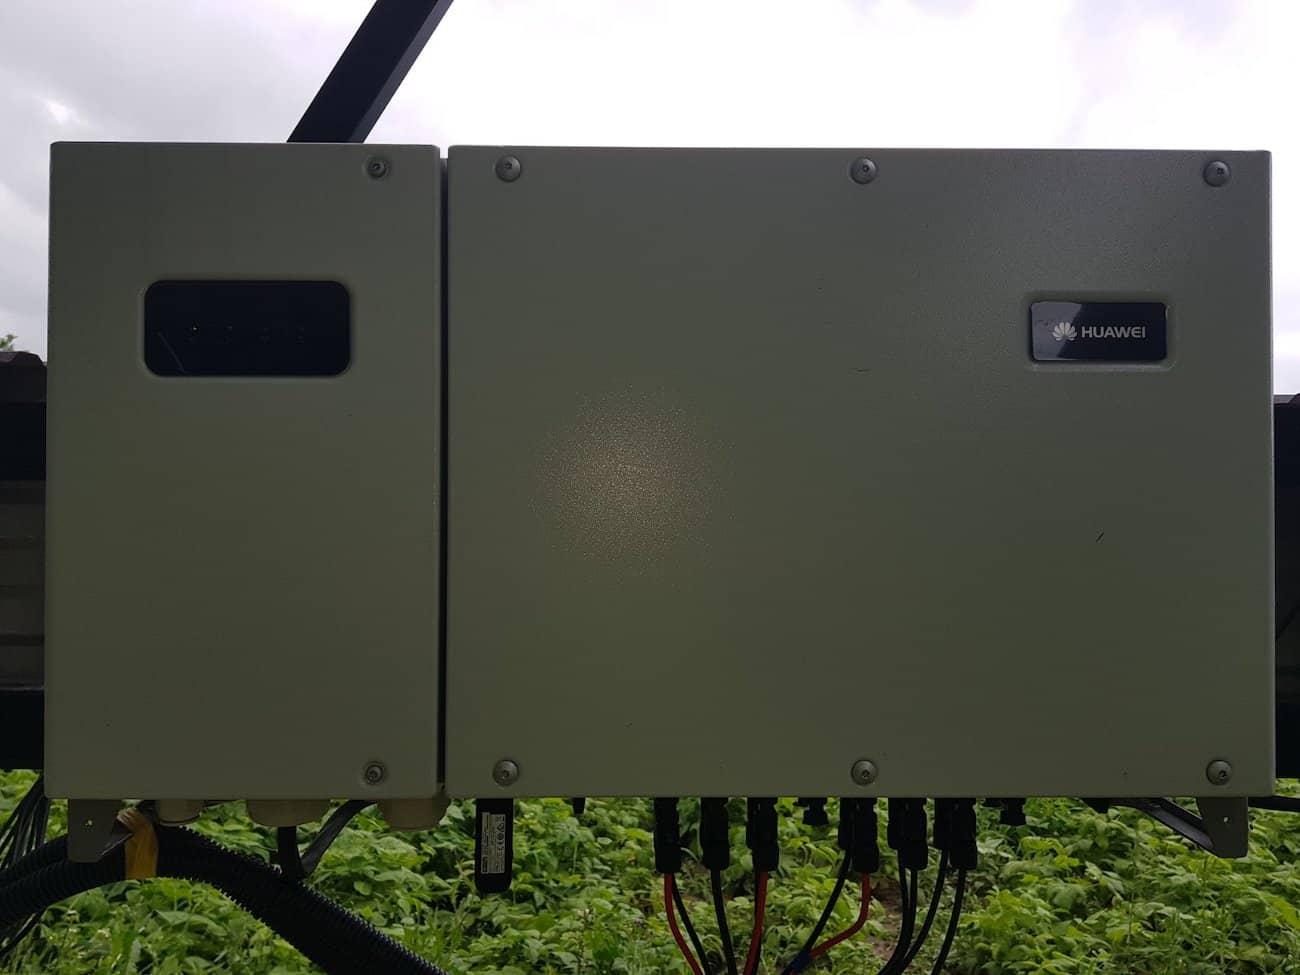 трьохфазний мережевий сонячний інвертор Huawei SUN2000-33 KTL-A синьків